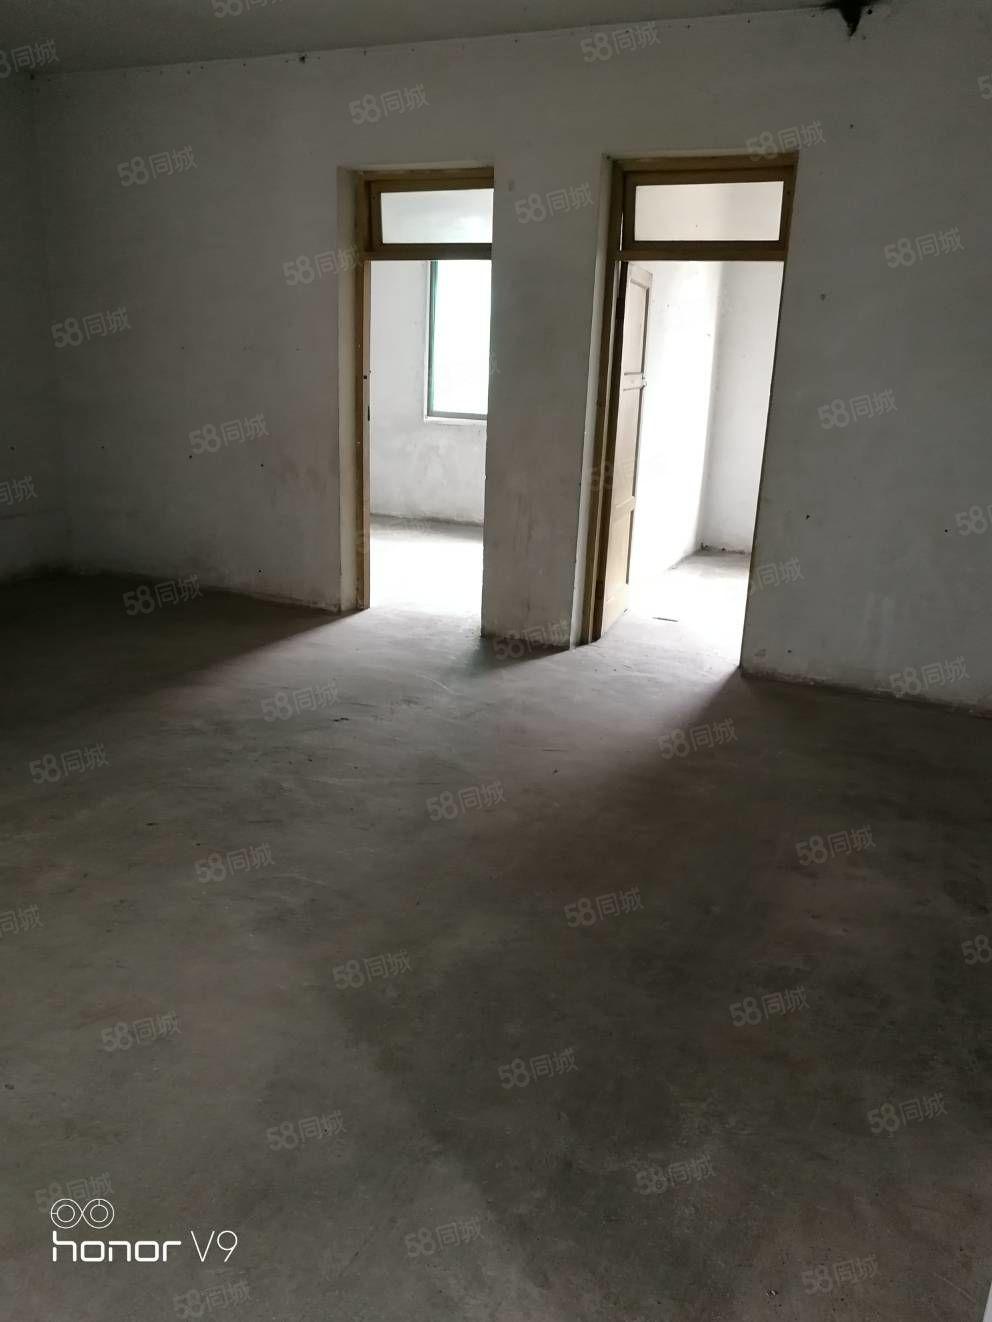 凯运大道3室2厅1卫3楼毛坯房待拆迁房111.39平方九小斜